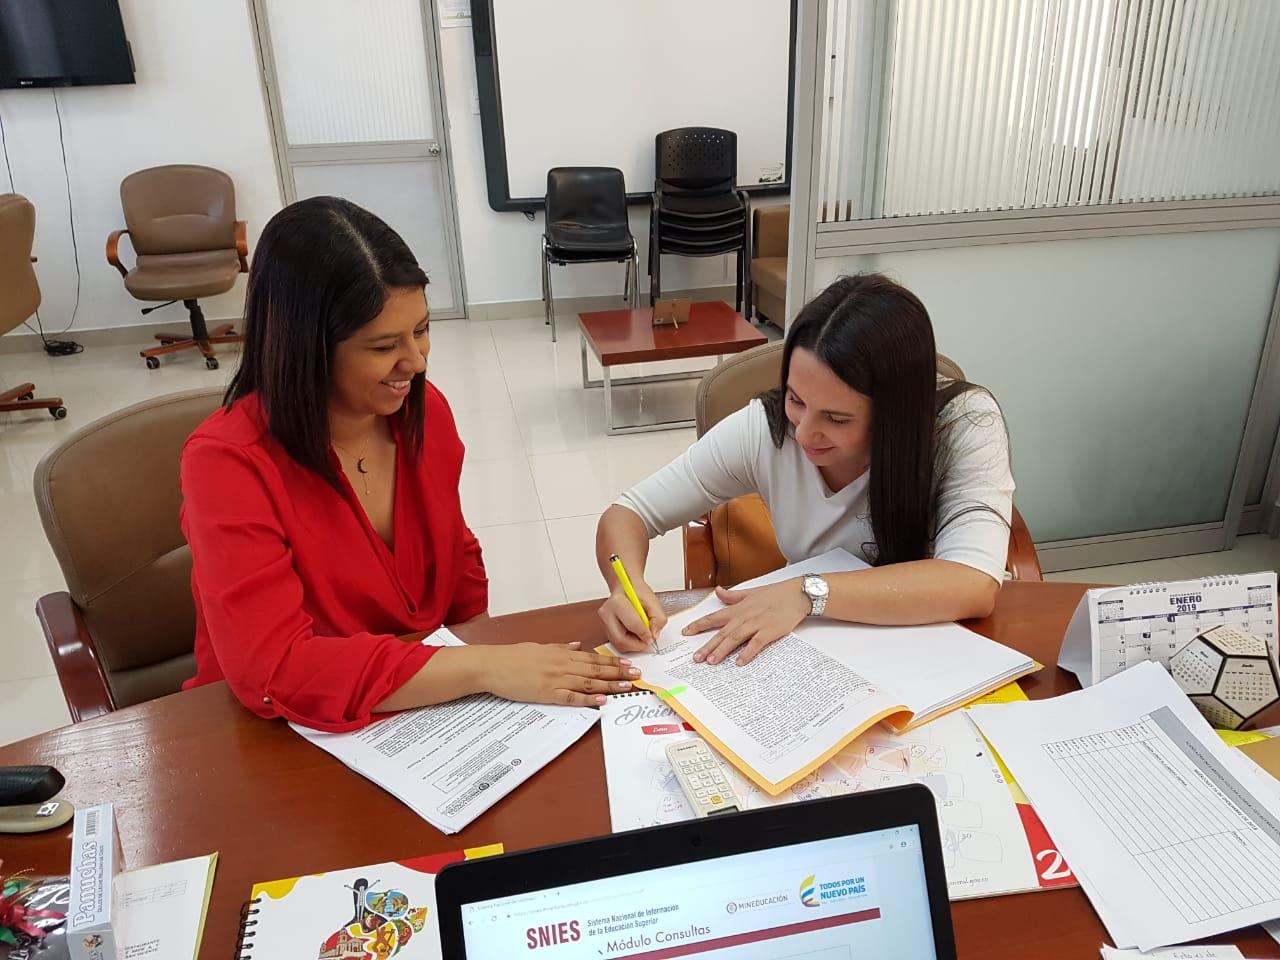 Convenios para mejorar la infraestructura educativa en San Vicente de Chucurí, Ocamonte y Coromoro | EL FRENTE